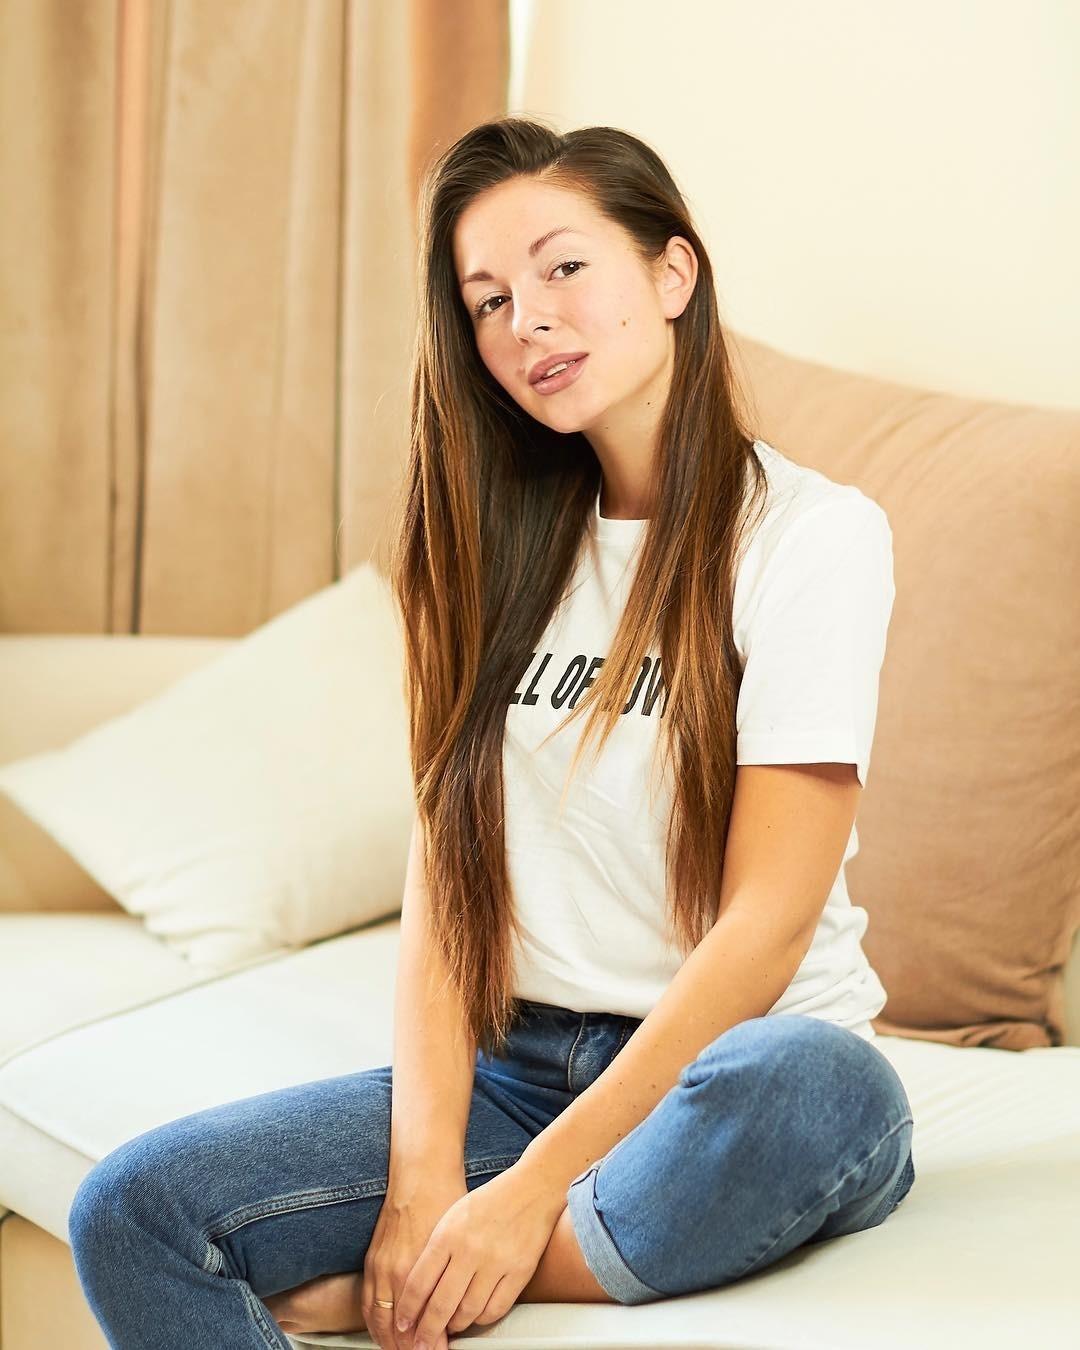 Нюша рассказала об упражнениях, которые помогают ей восстановиться после родов